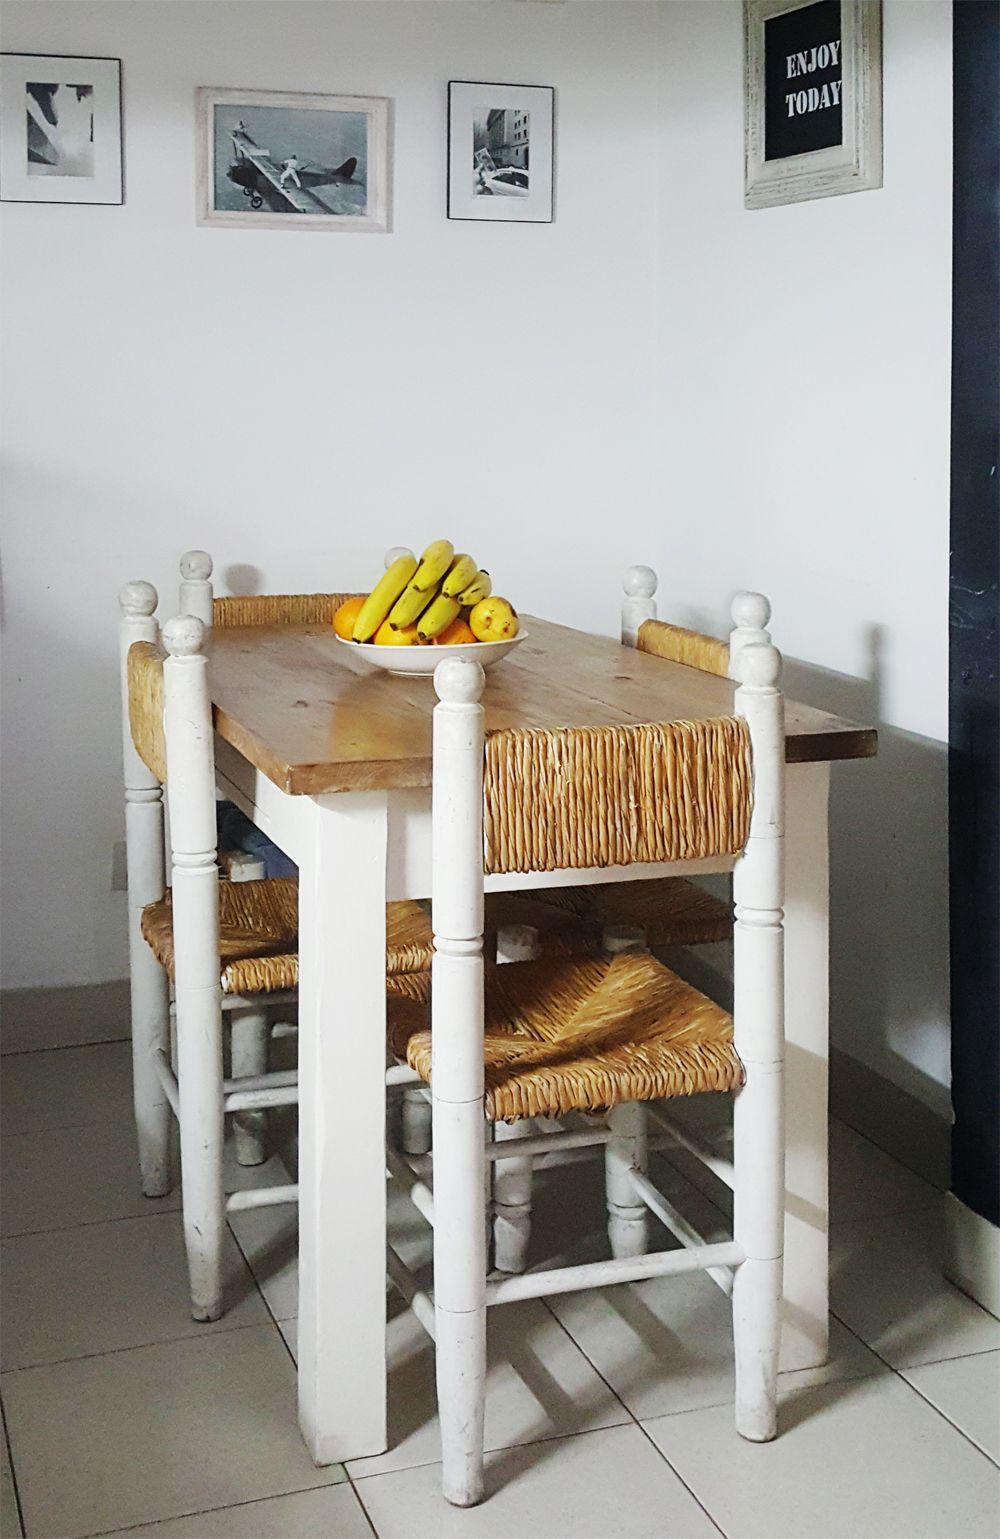 Isla de cocina antigua madera antigua madera - Mesa cocina rustica ...